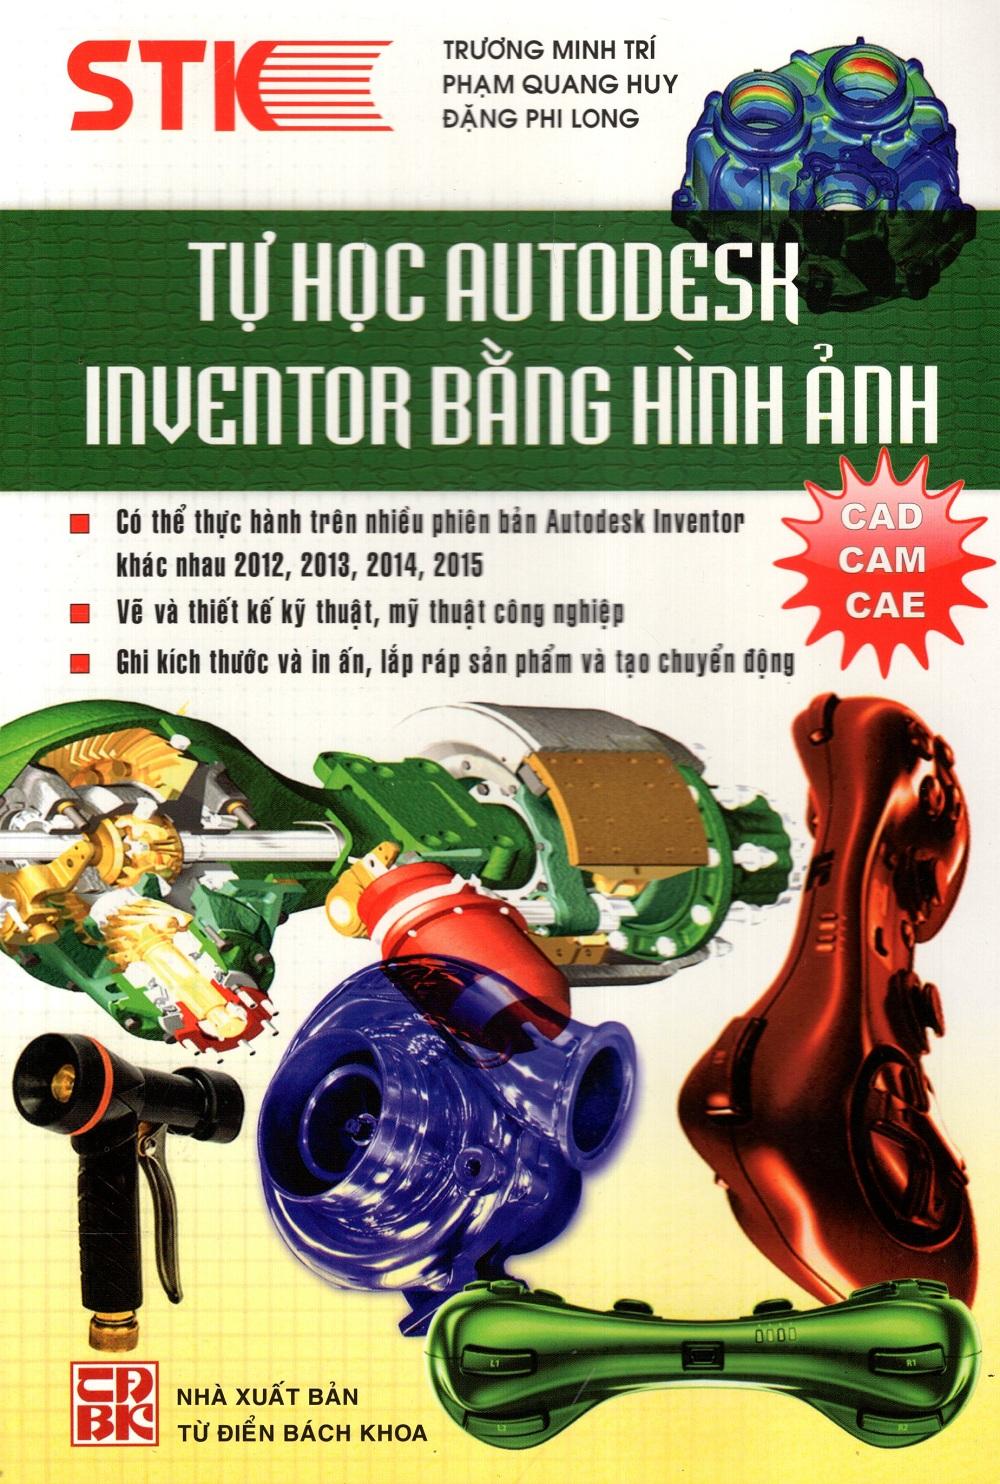 Tự Học Autodesk Inventor Bằng Hình Ảnh